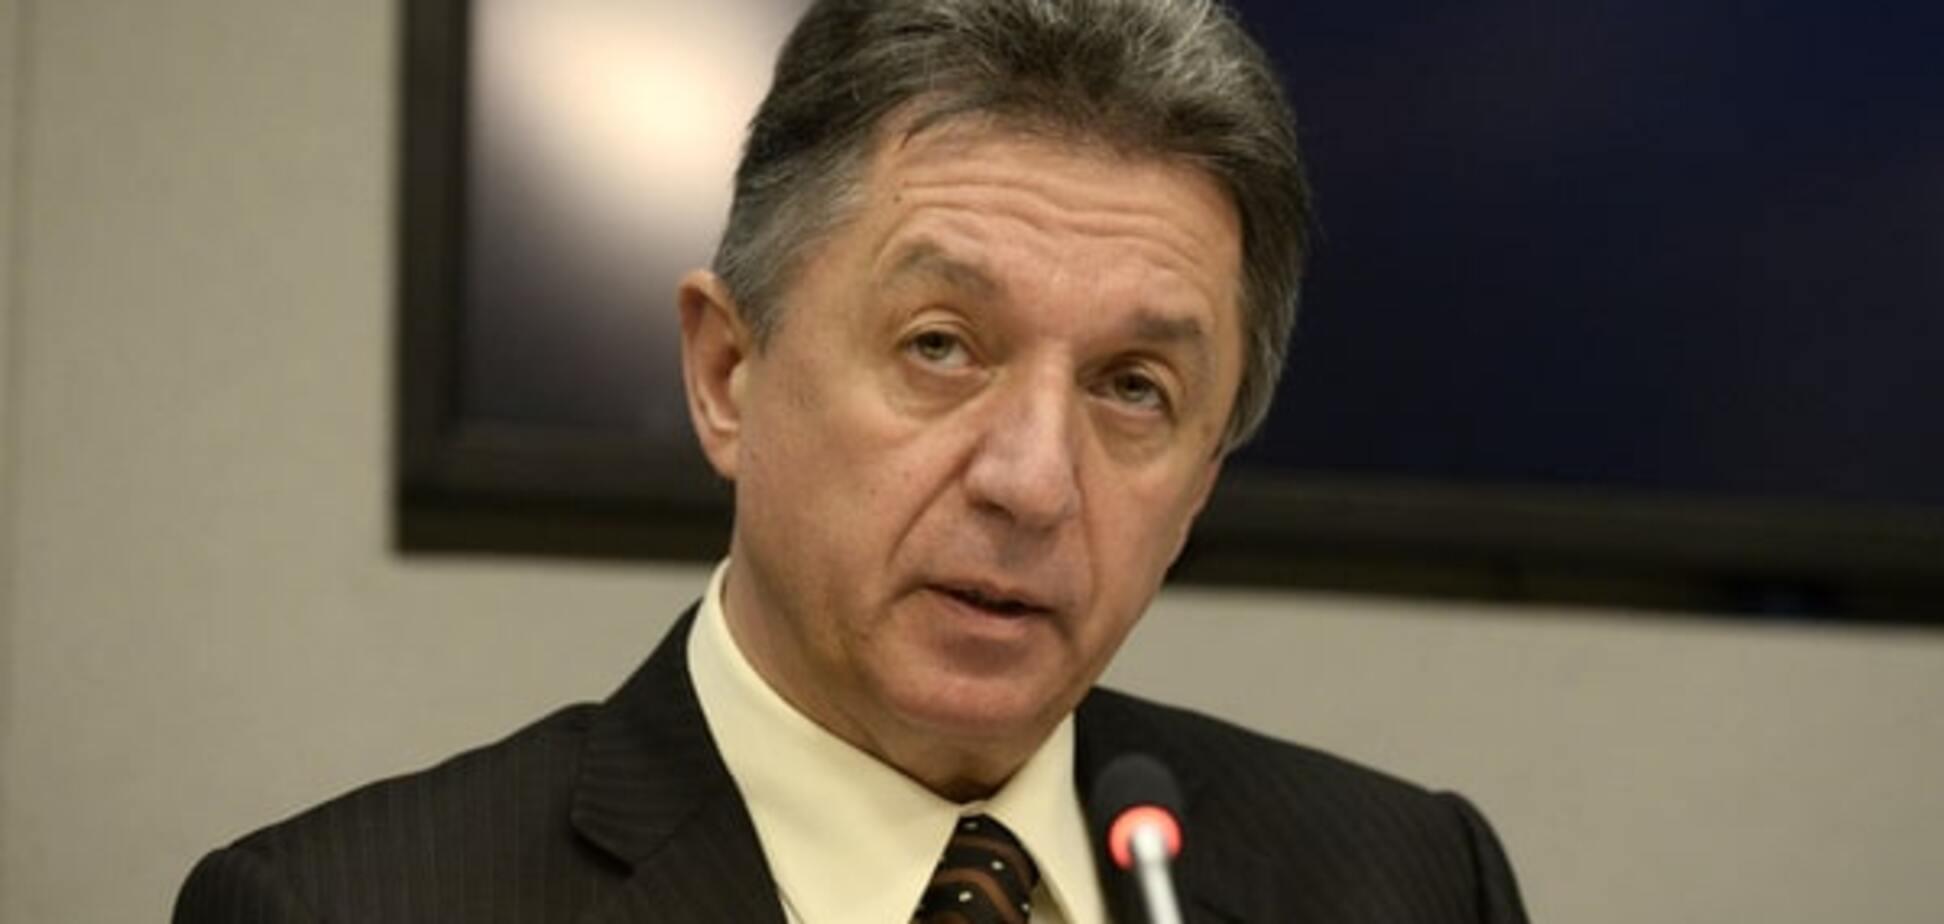 ЗМІ: постпред України в ООН буде відкликаний